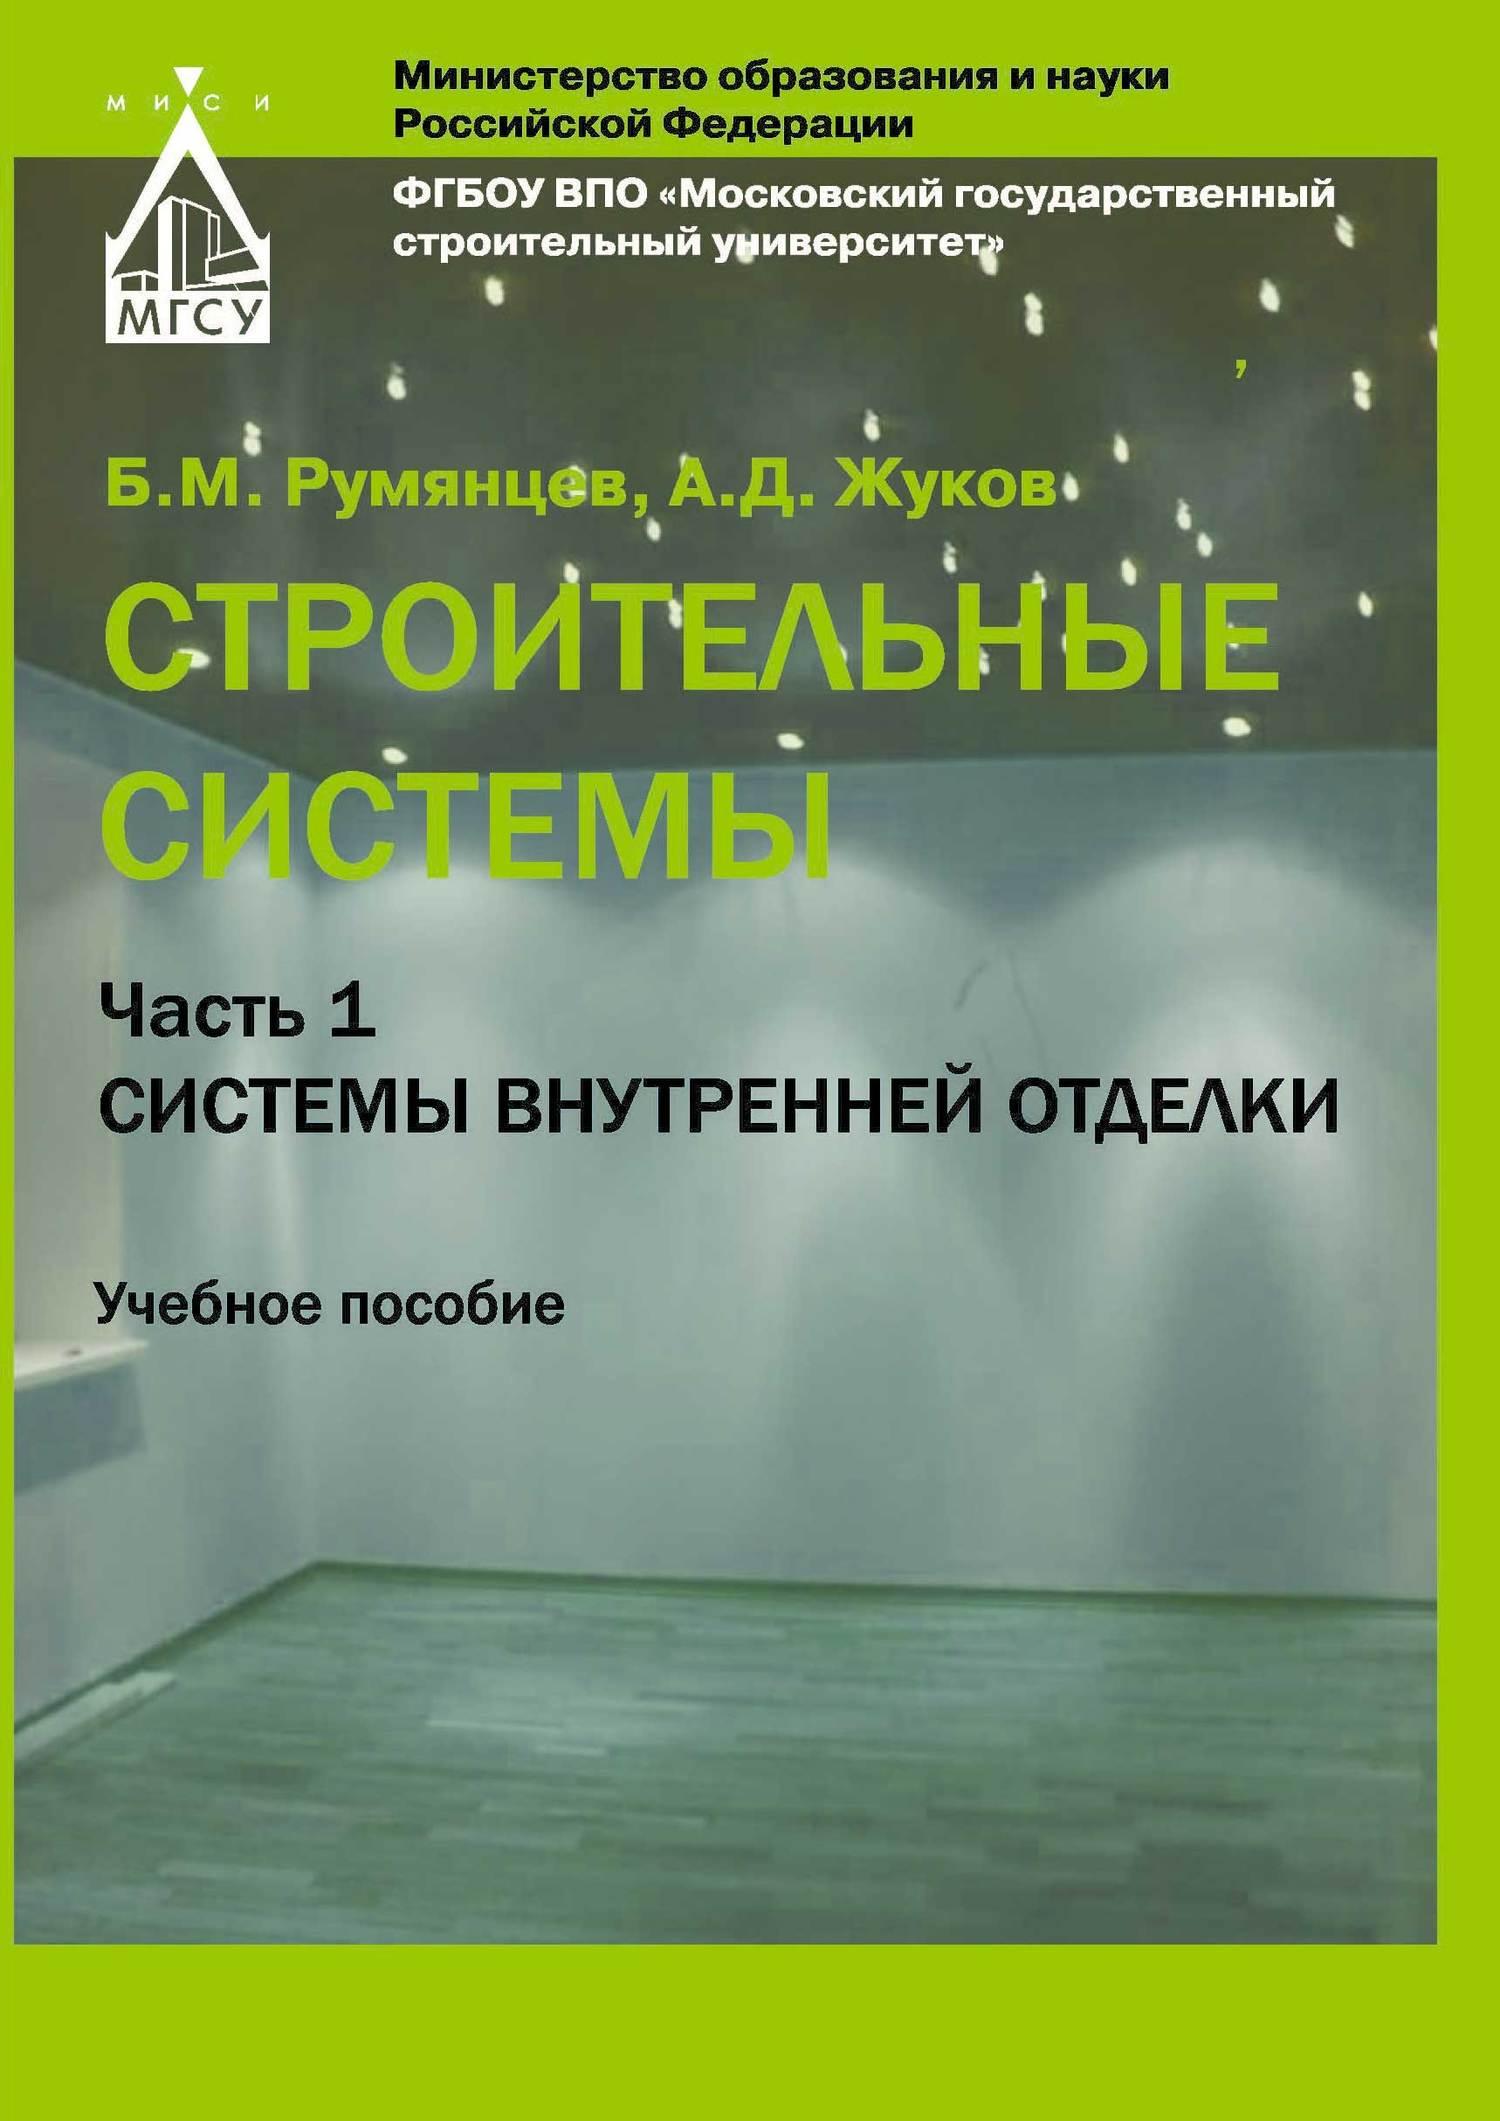 А. Д. Жуков Строительные системы. Часть 1. Системы внутренней отделки